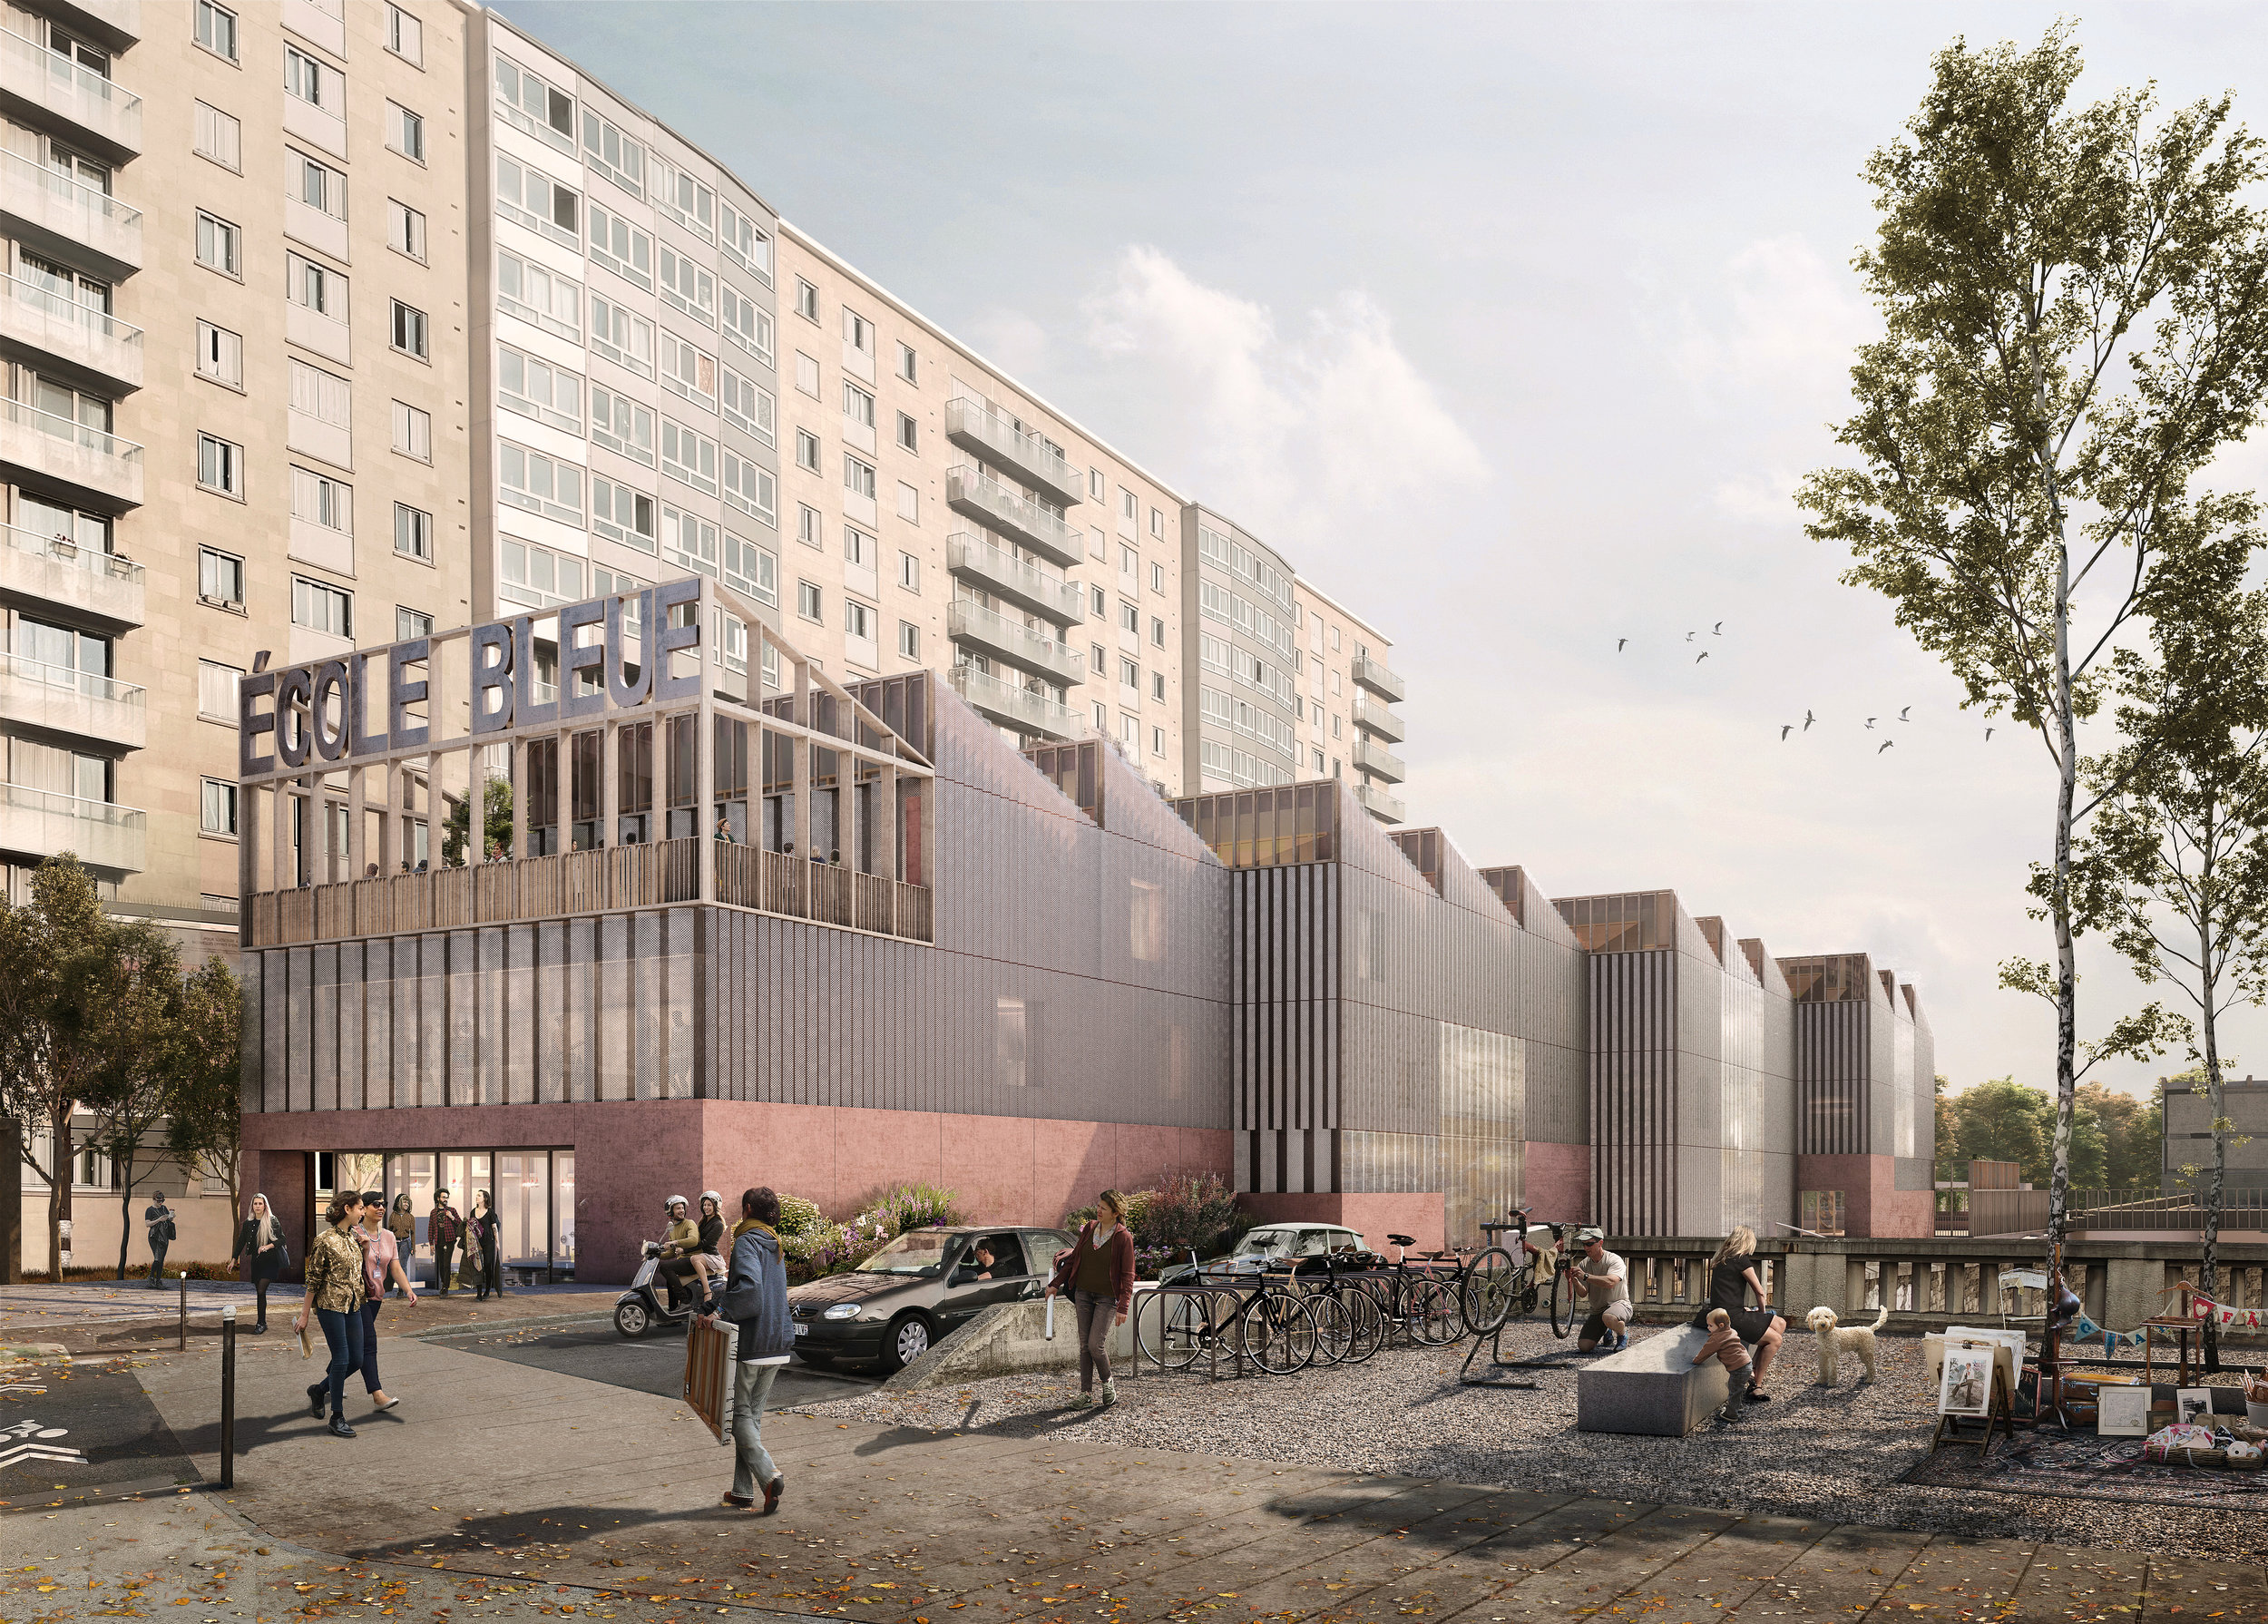 Ecole BleuePorte de Vincennes - programme: Construction d''un bâtiment de 20 salles de classes, 2 amphithéâtres et d'un fablab pour l'Ecole Bleue (3050 m²) + parking de 50 placesmaîtrise d'ouvrage: RIVPmaîtrise d'oeuvre: Palast (mandataire) en association avec Morris+Company, EVP (structure), INEX (Economiste, fluides), Lamoureux (acoustique)mission : Mission de basebudget : 9.5 millionslieu : Porte de Vincennes, Paris 12ecertification : Energie 3 et Carbone 1, Plan Climat de Pariscalendrier : Septembre 2018crédit perspectives : Forbes Massie